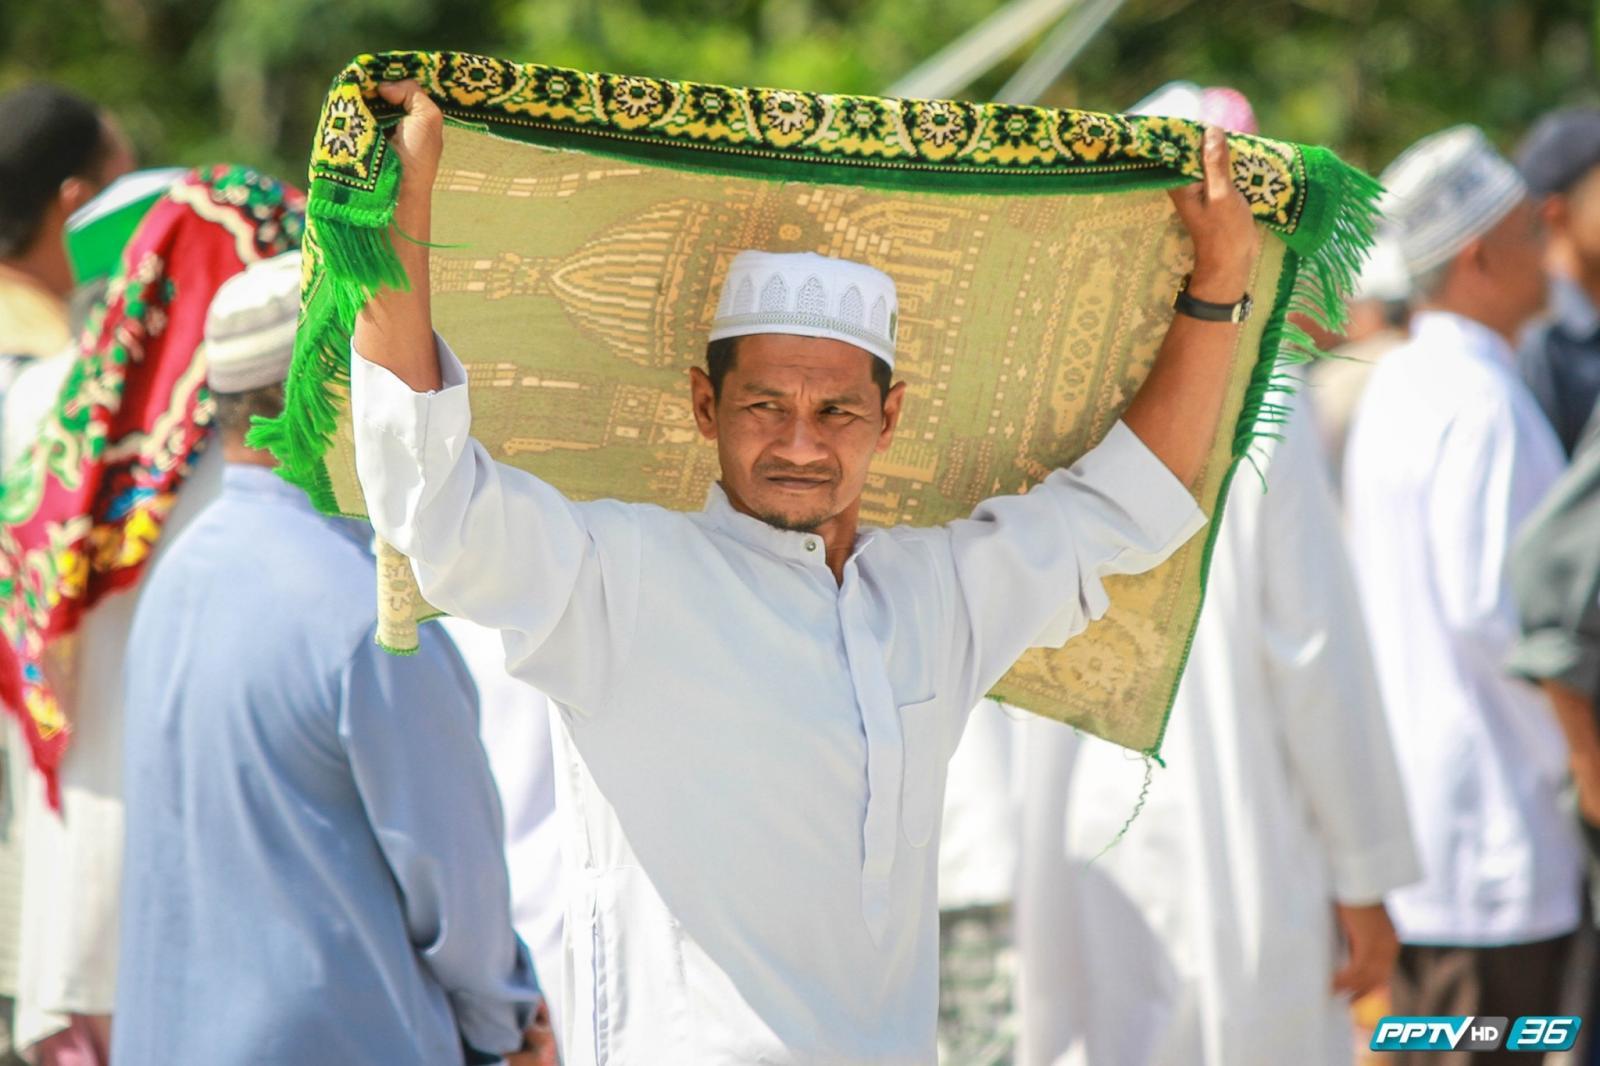 ละหมาดขอพรให้เกิดสันติสุขในพื้นที่ชายแดนใต้ (คลิป)